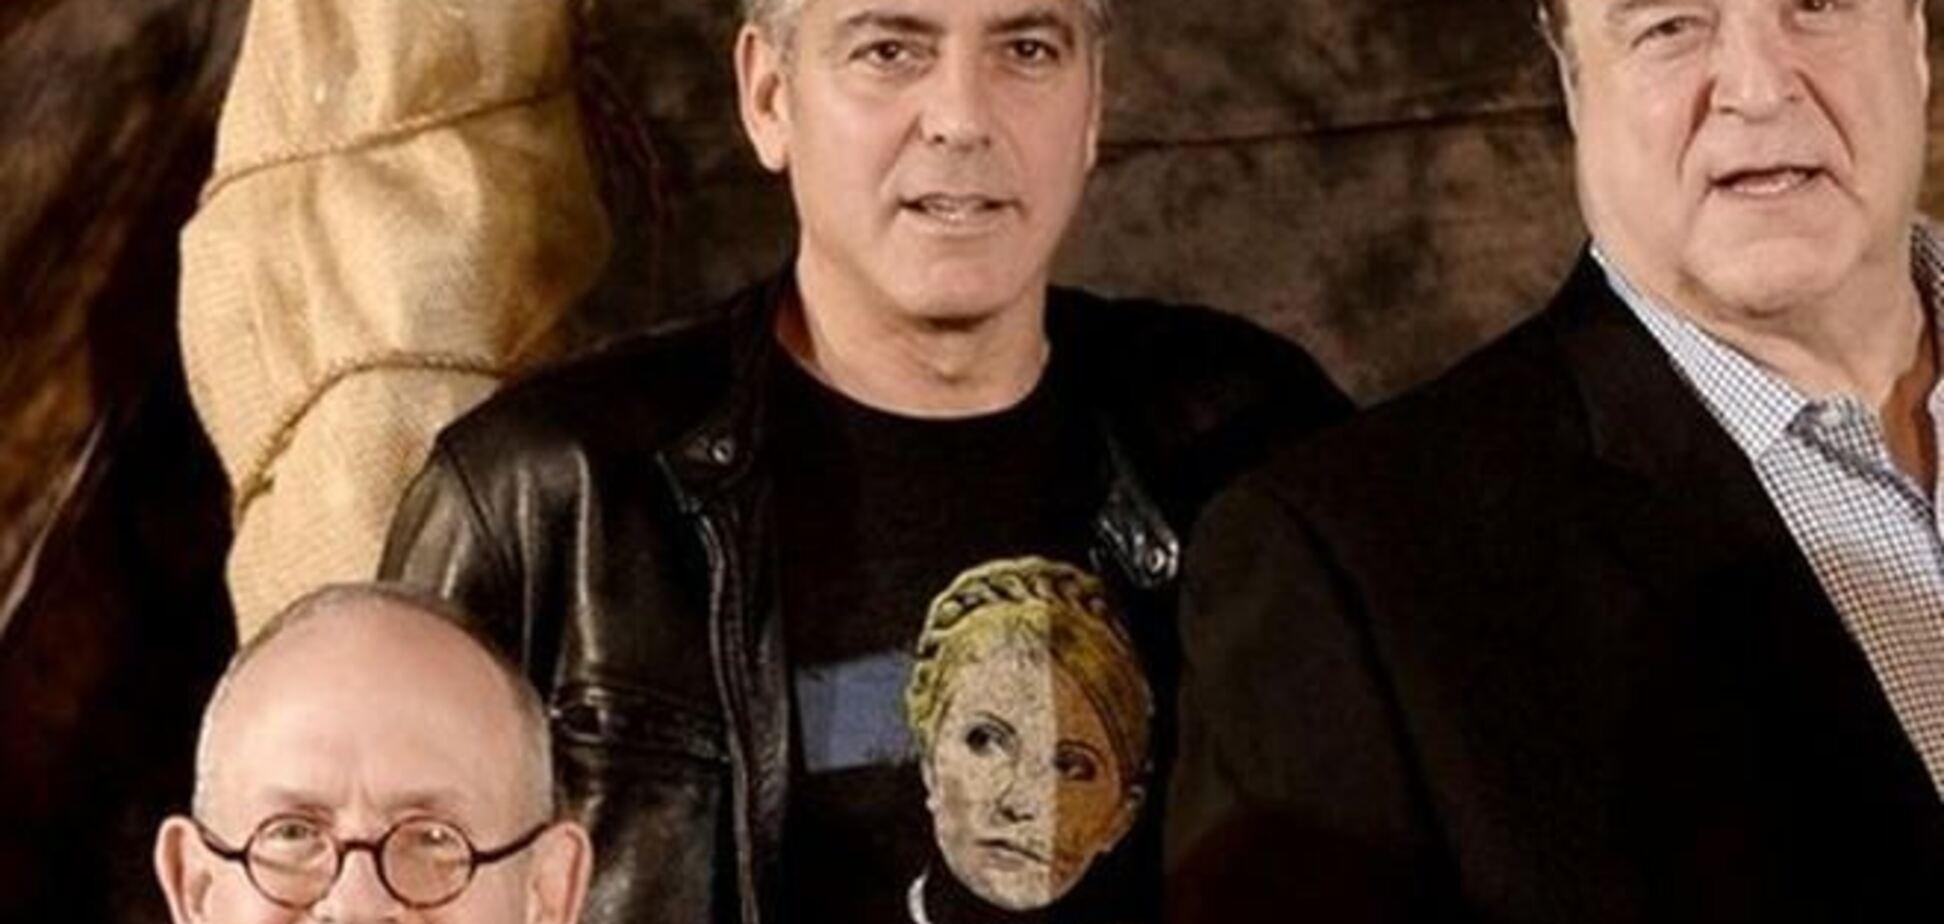 Клуні хизується по Голлівуду в футболці з портретом Тимошенко